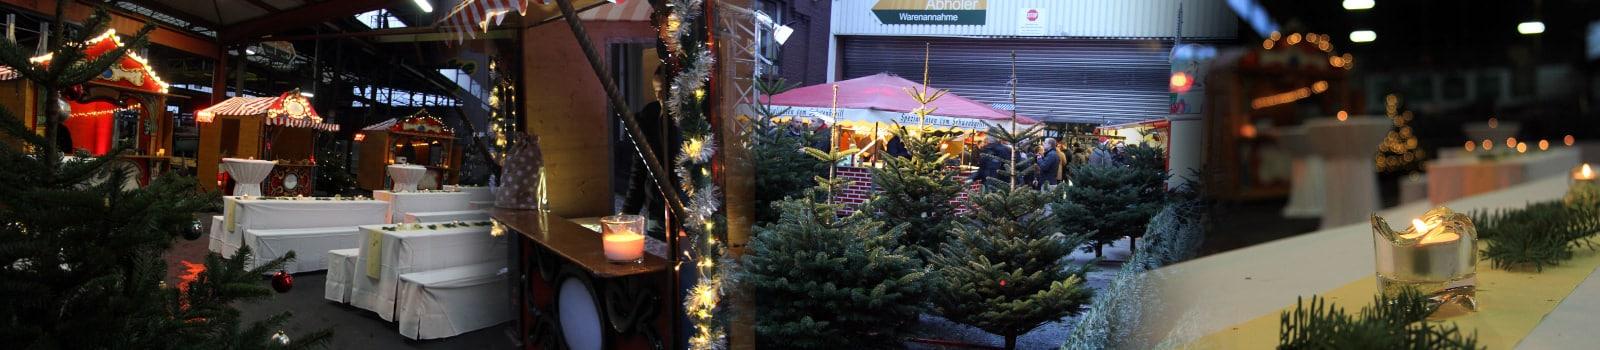 Weihnachtsfeier Zu Hause Ideen.Weihnachtsfeier Mülheim An Der Ruhr Die Besten Events B Ceed